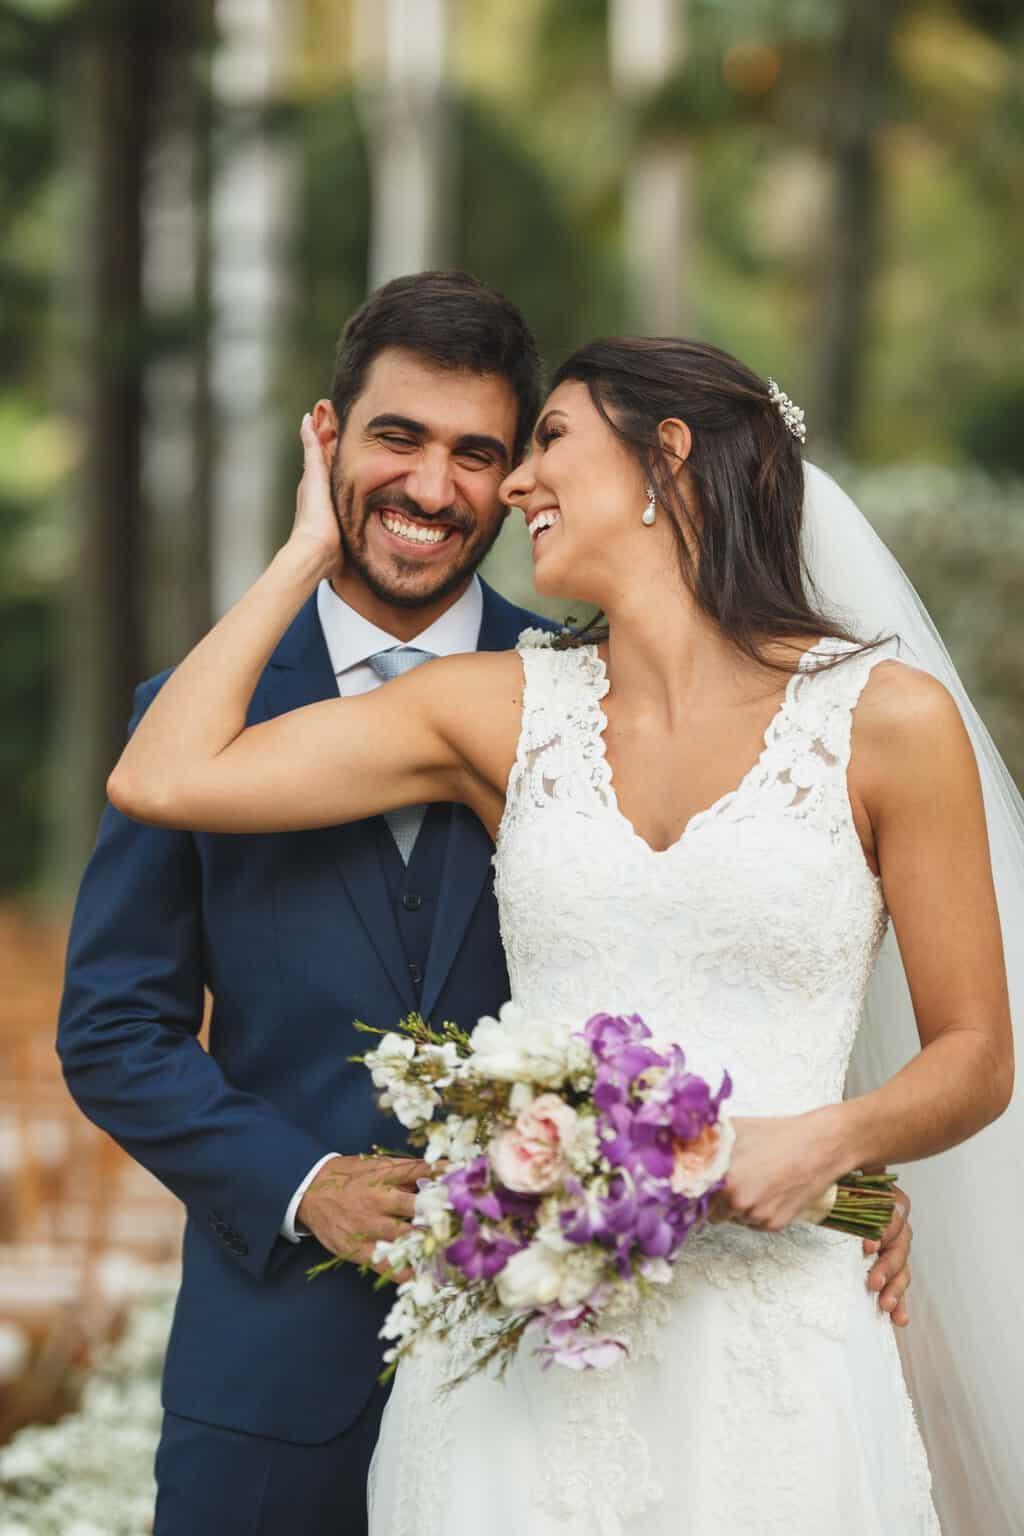 casamento-na-Fazenda-Vila-Rica-cerimonial-Ana-Paula-Tabet-foto-dos-noivos-Fotografia-Euka-Weddings-Renata-e-Gabriel120